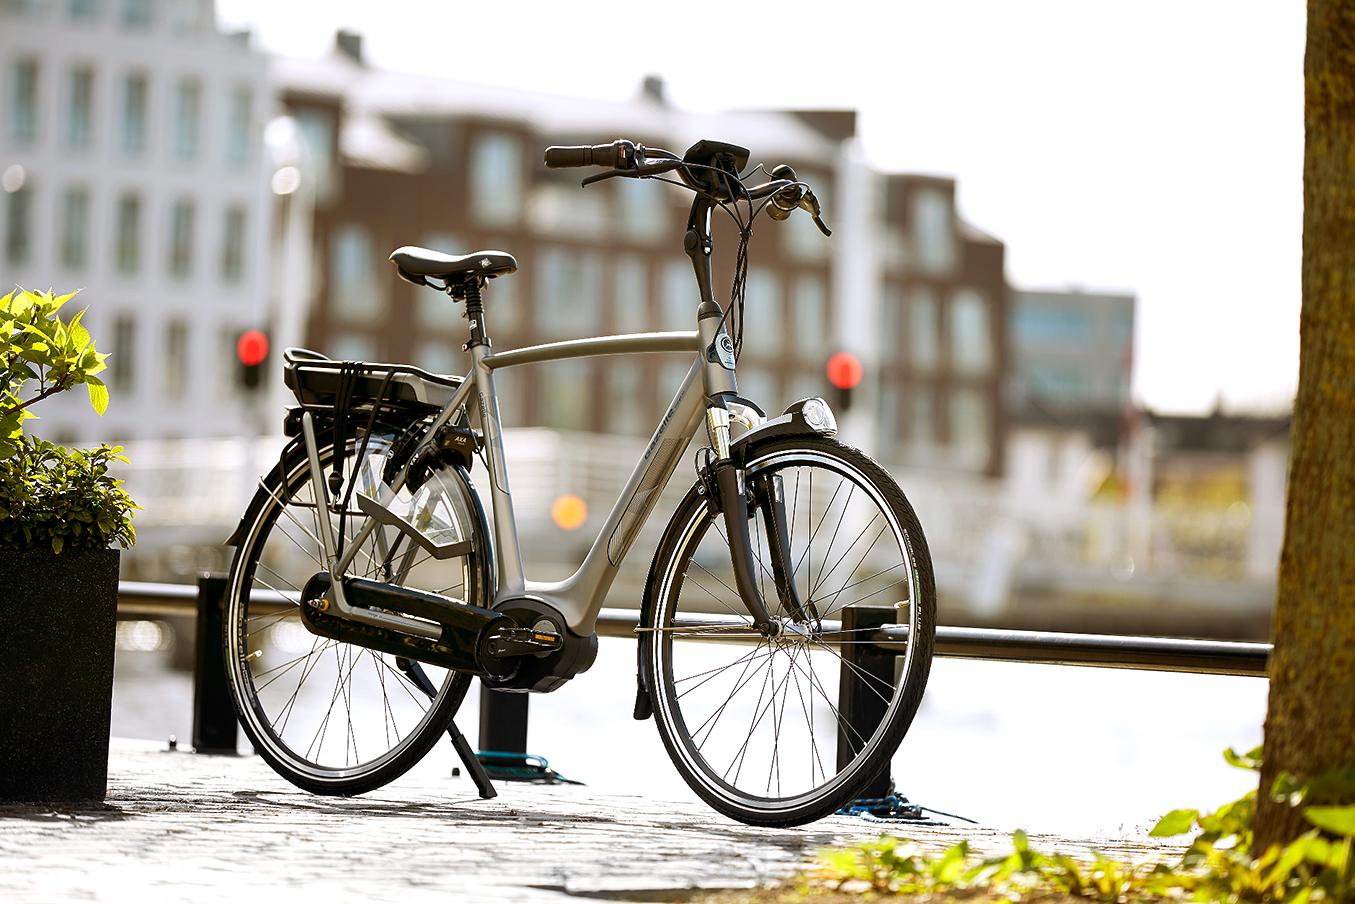 Wir bauen E-Bikes mit tiefem Einstieg und maximaler Tretunterstützung. Fahrräder, auf denen man sich sehen lassen kann.